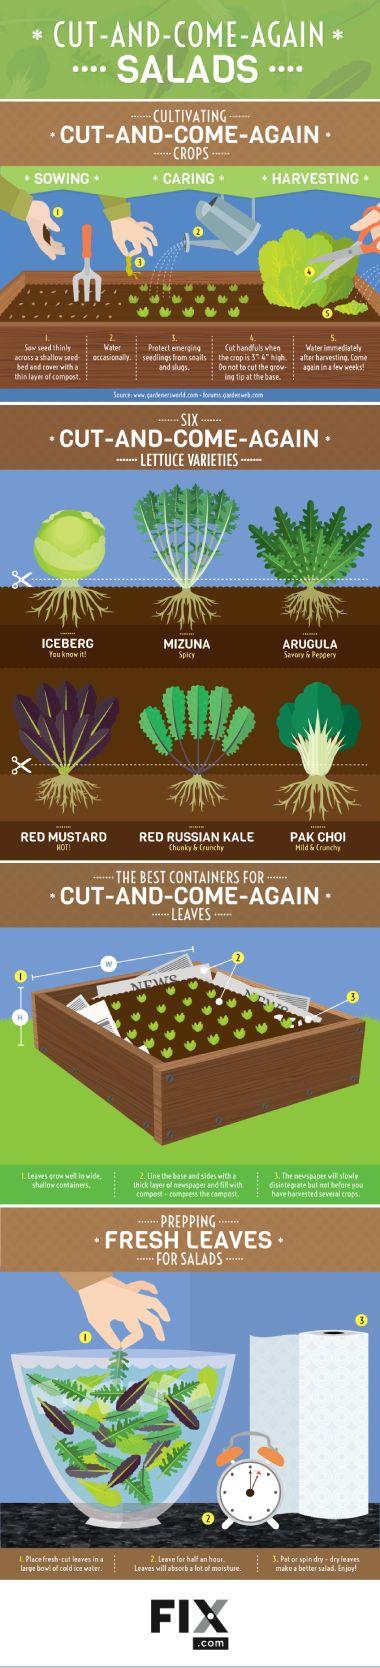 Ensalada fresca para cada día |  http://www.ecosnippets.com/gardening/cut-come-again-salads-enjoy-your-greens-over-over-again/